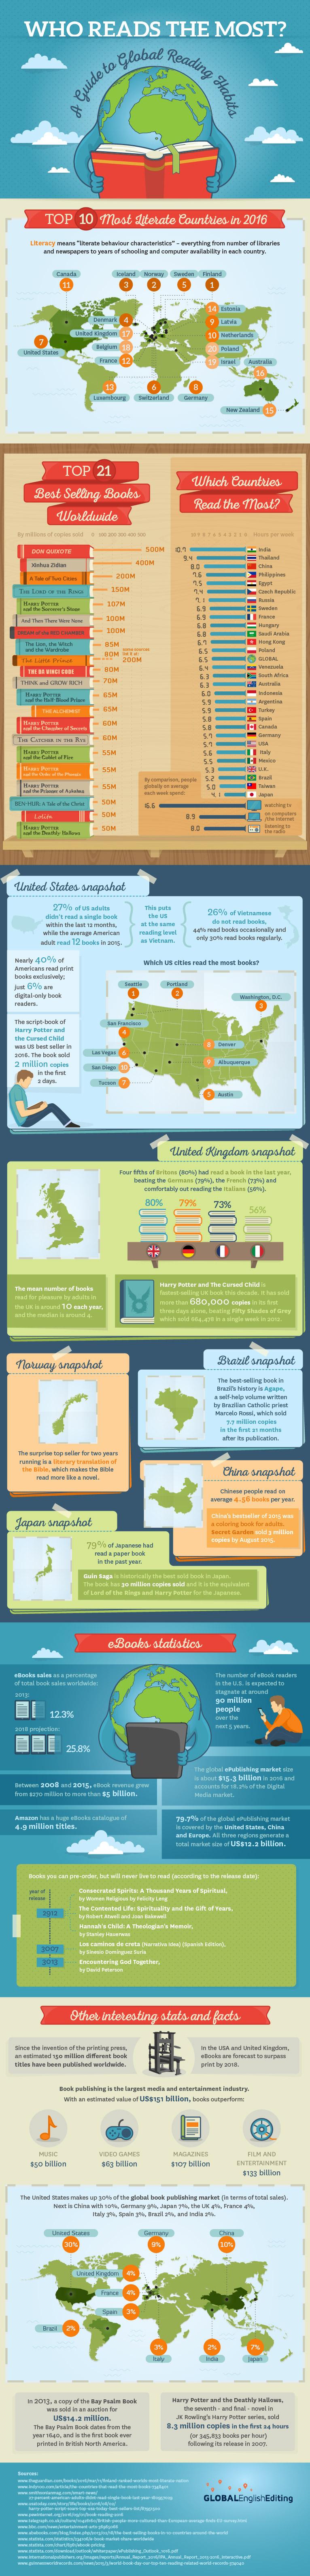 infografica lettura e lettori nel mondo